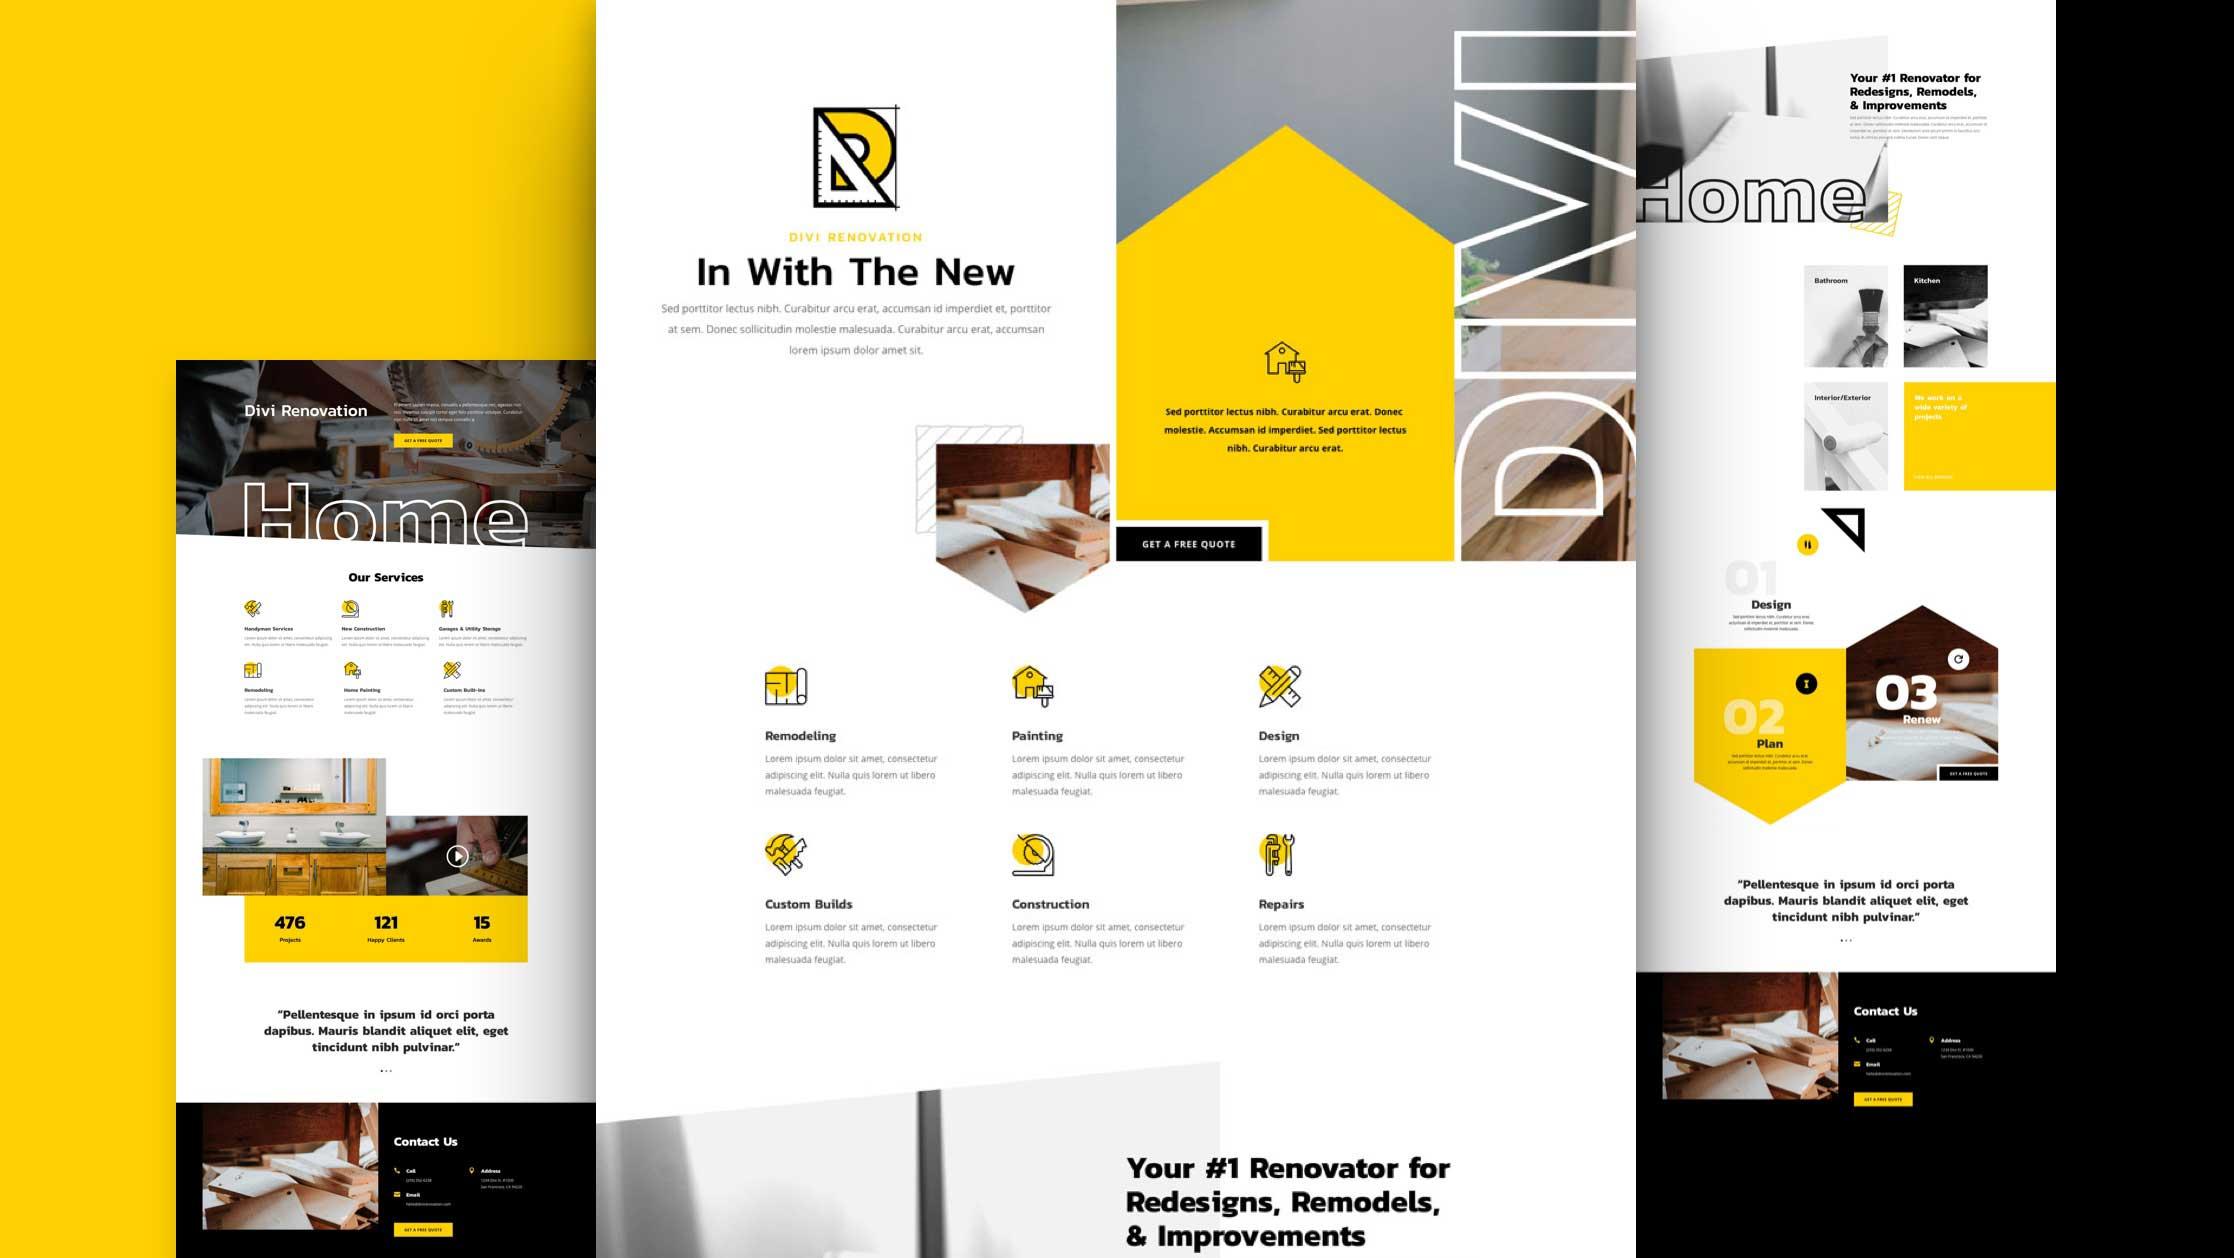 divi-renovierungsfirma-kostenloses-layout-pack